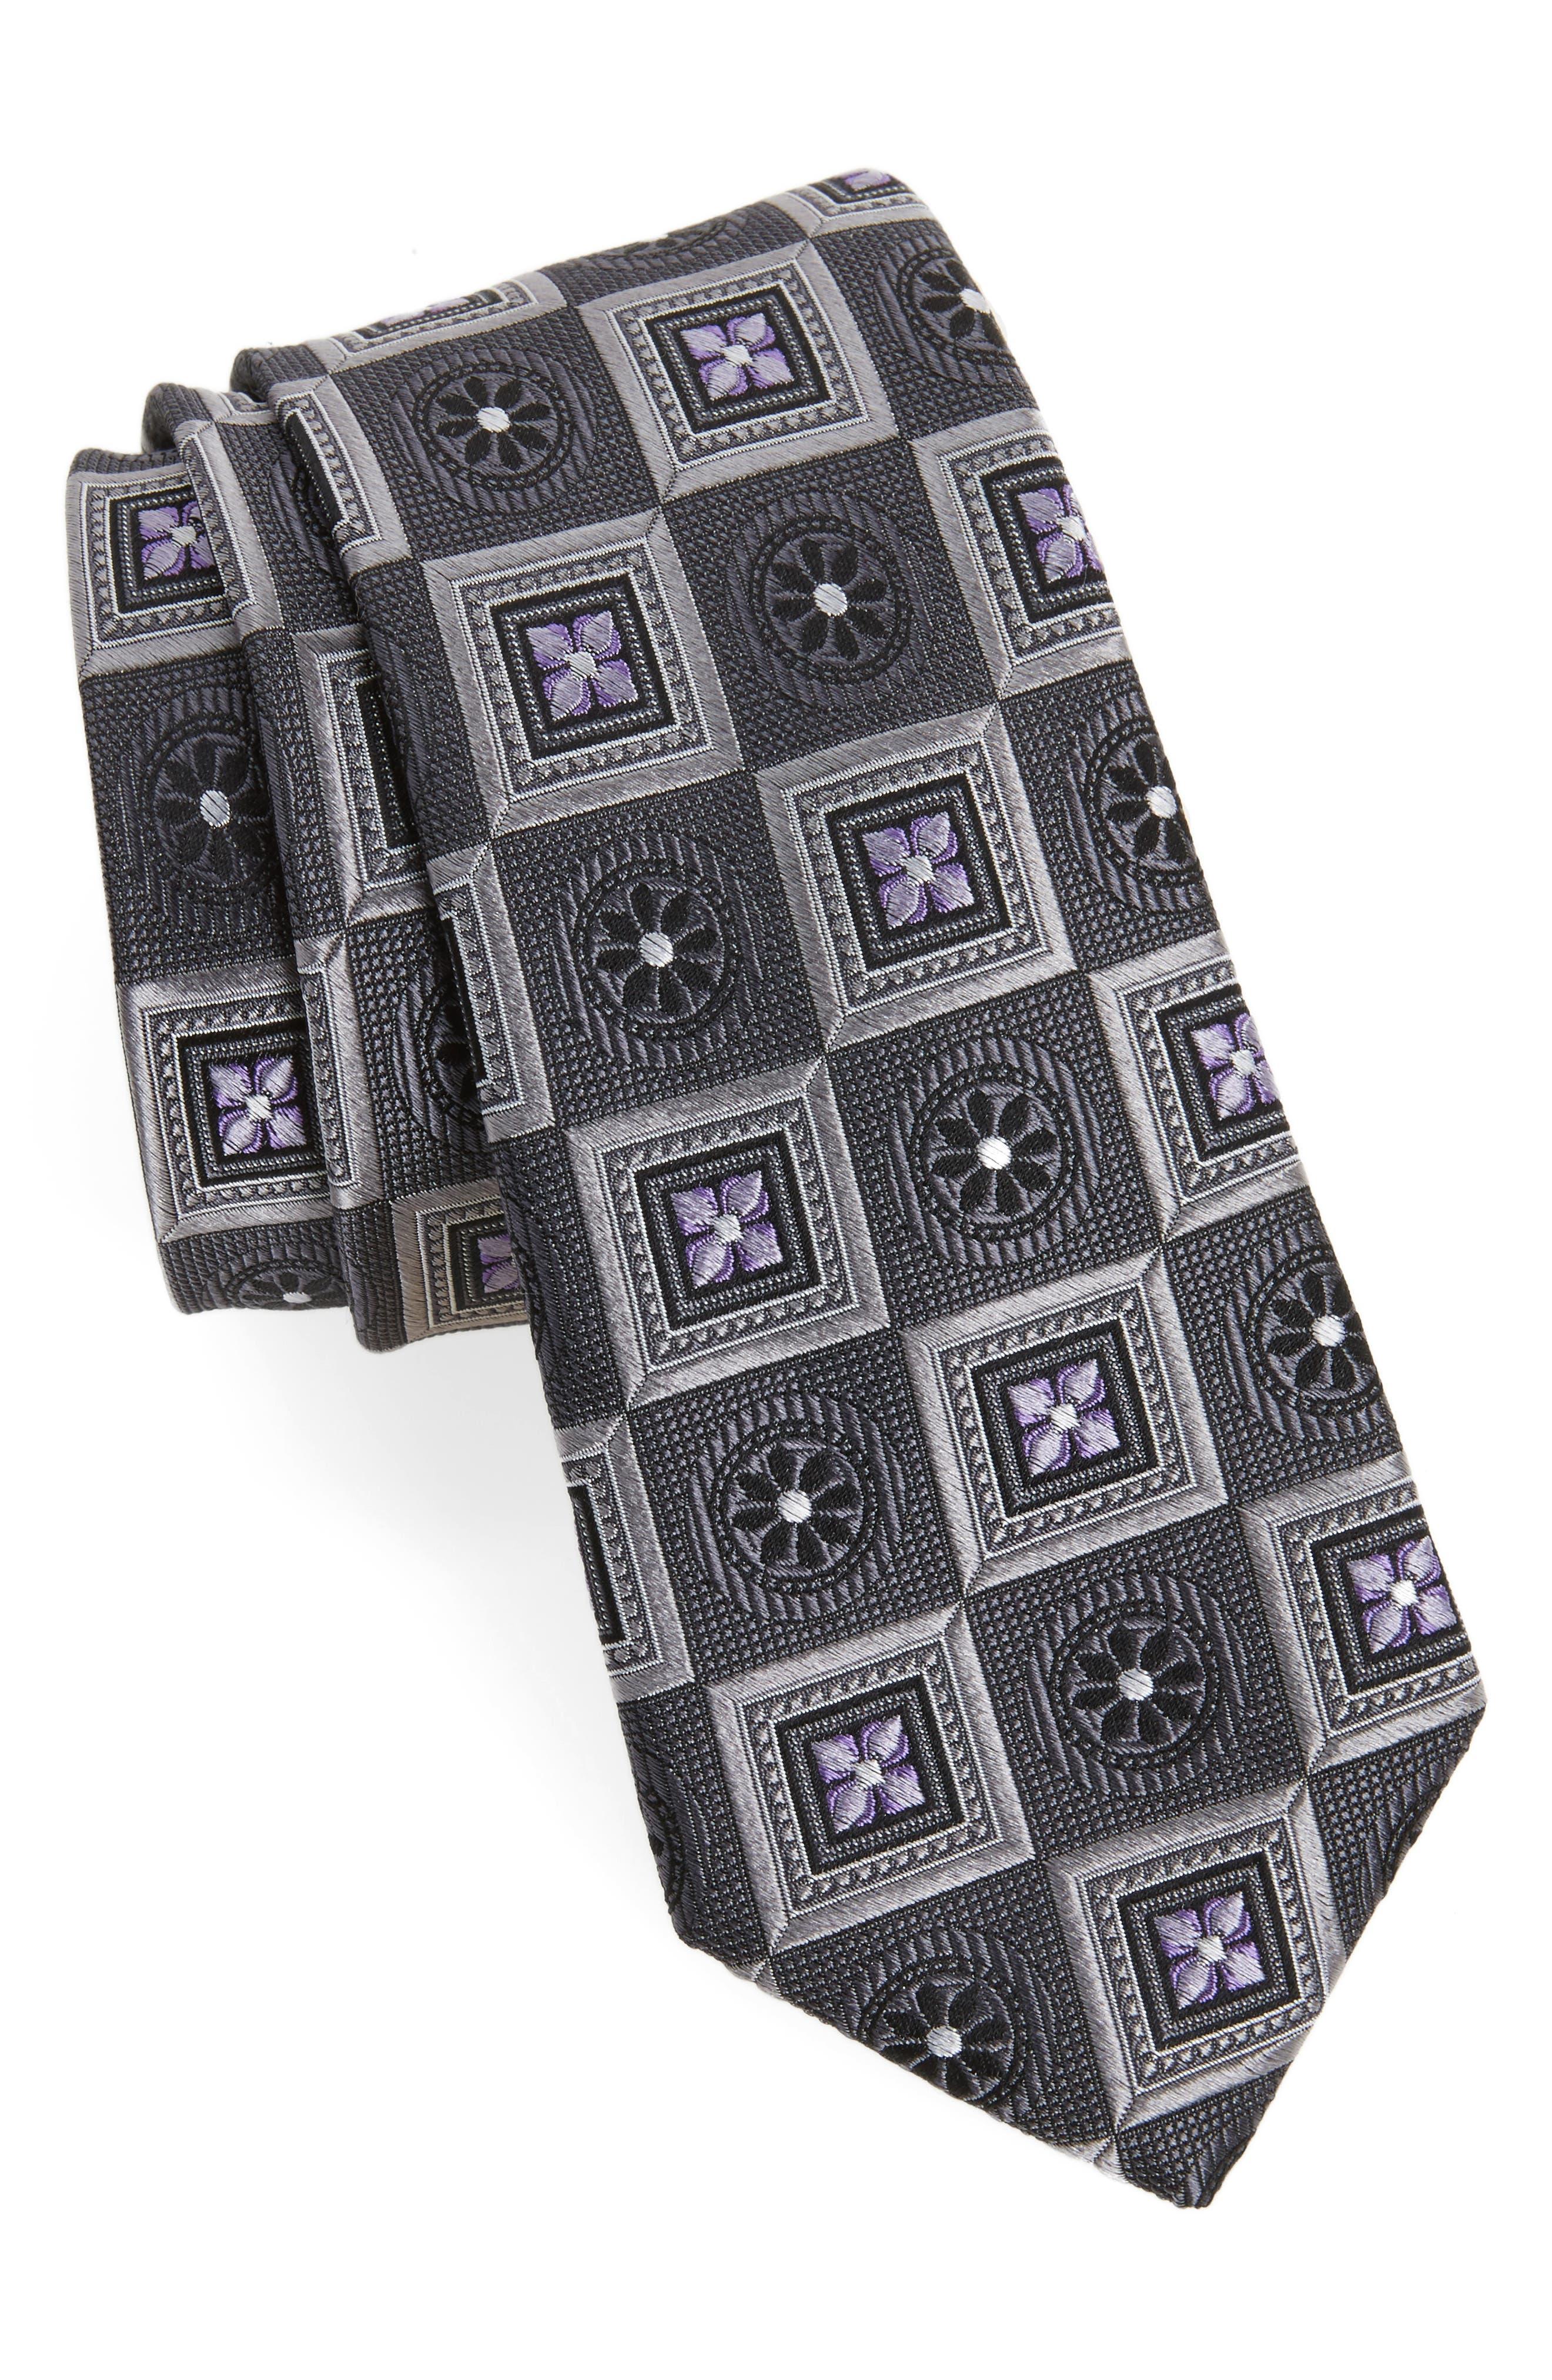 Alternate Image 1 Selected - Nordstrom Men's Shop Medallion Squares Silk Tie